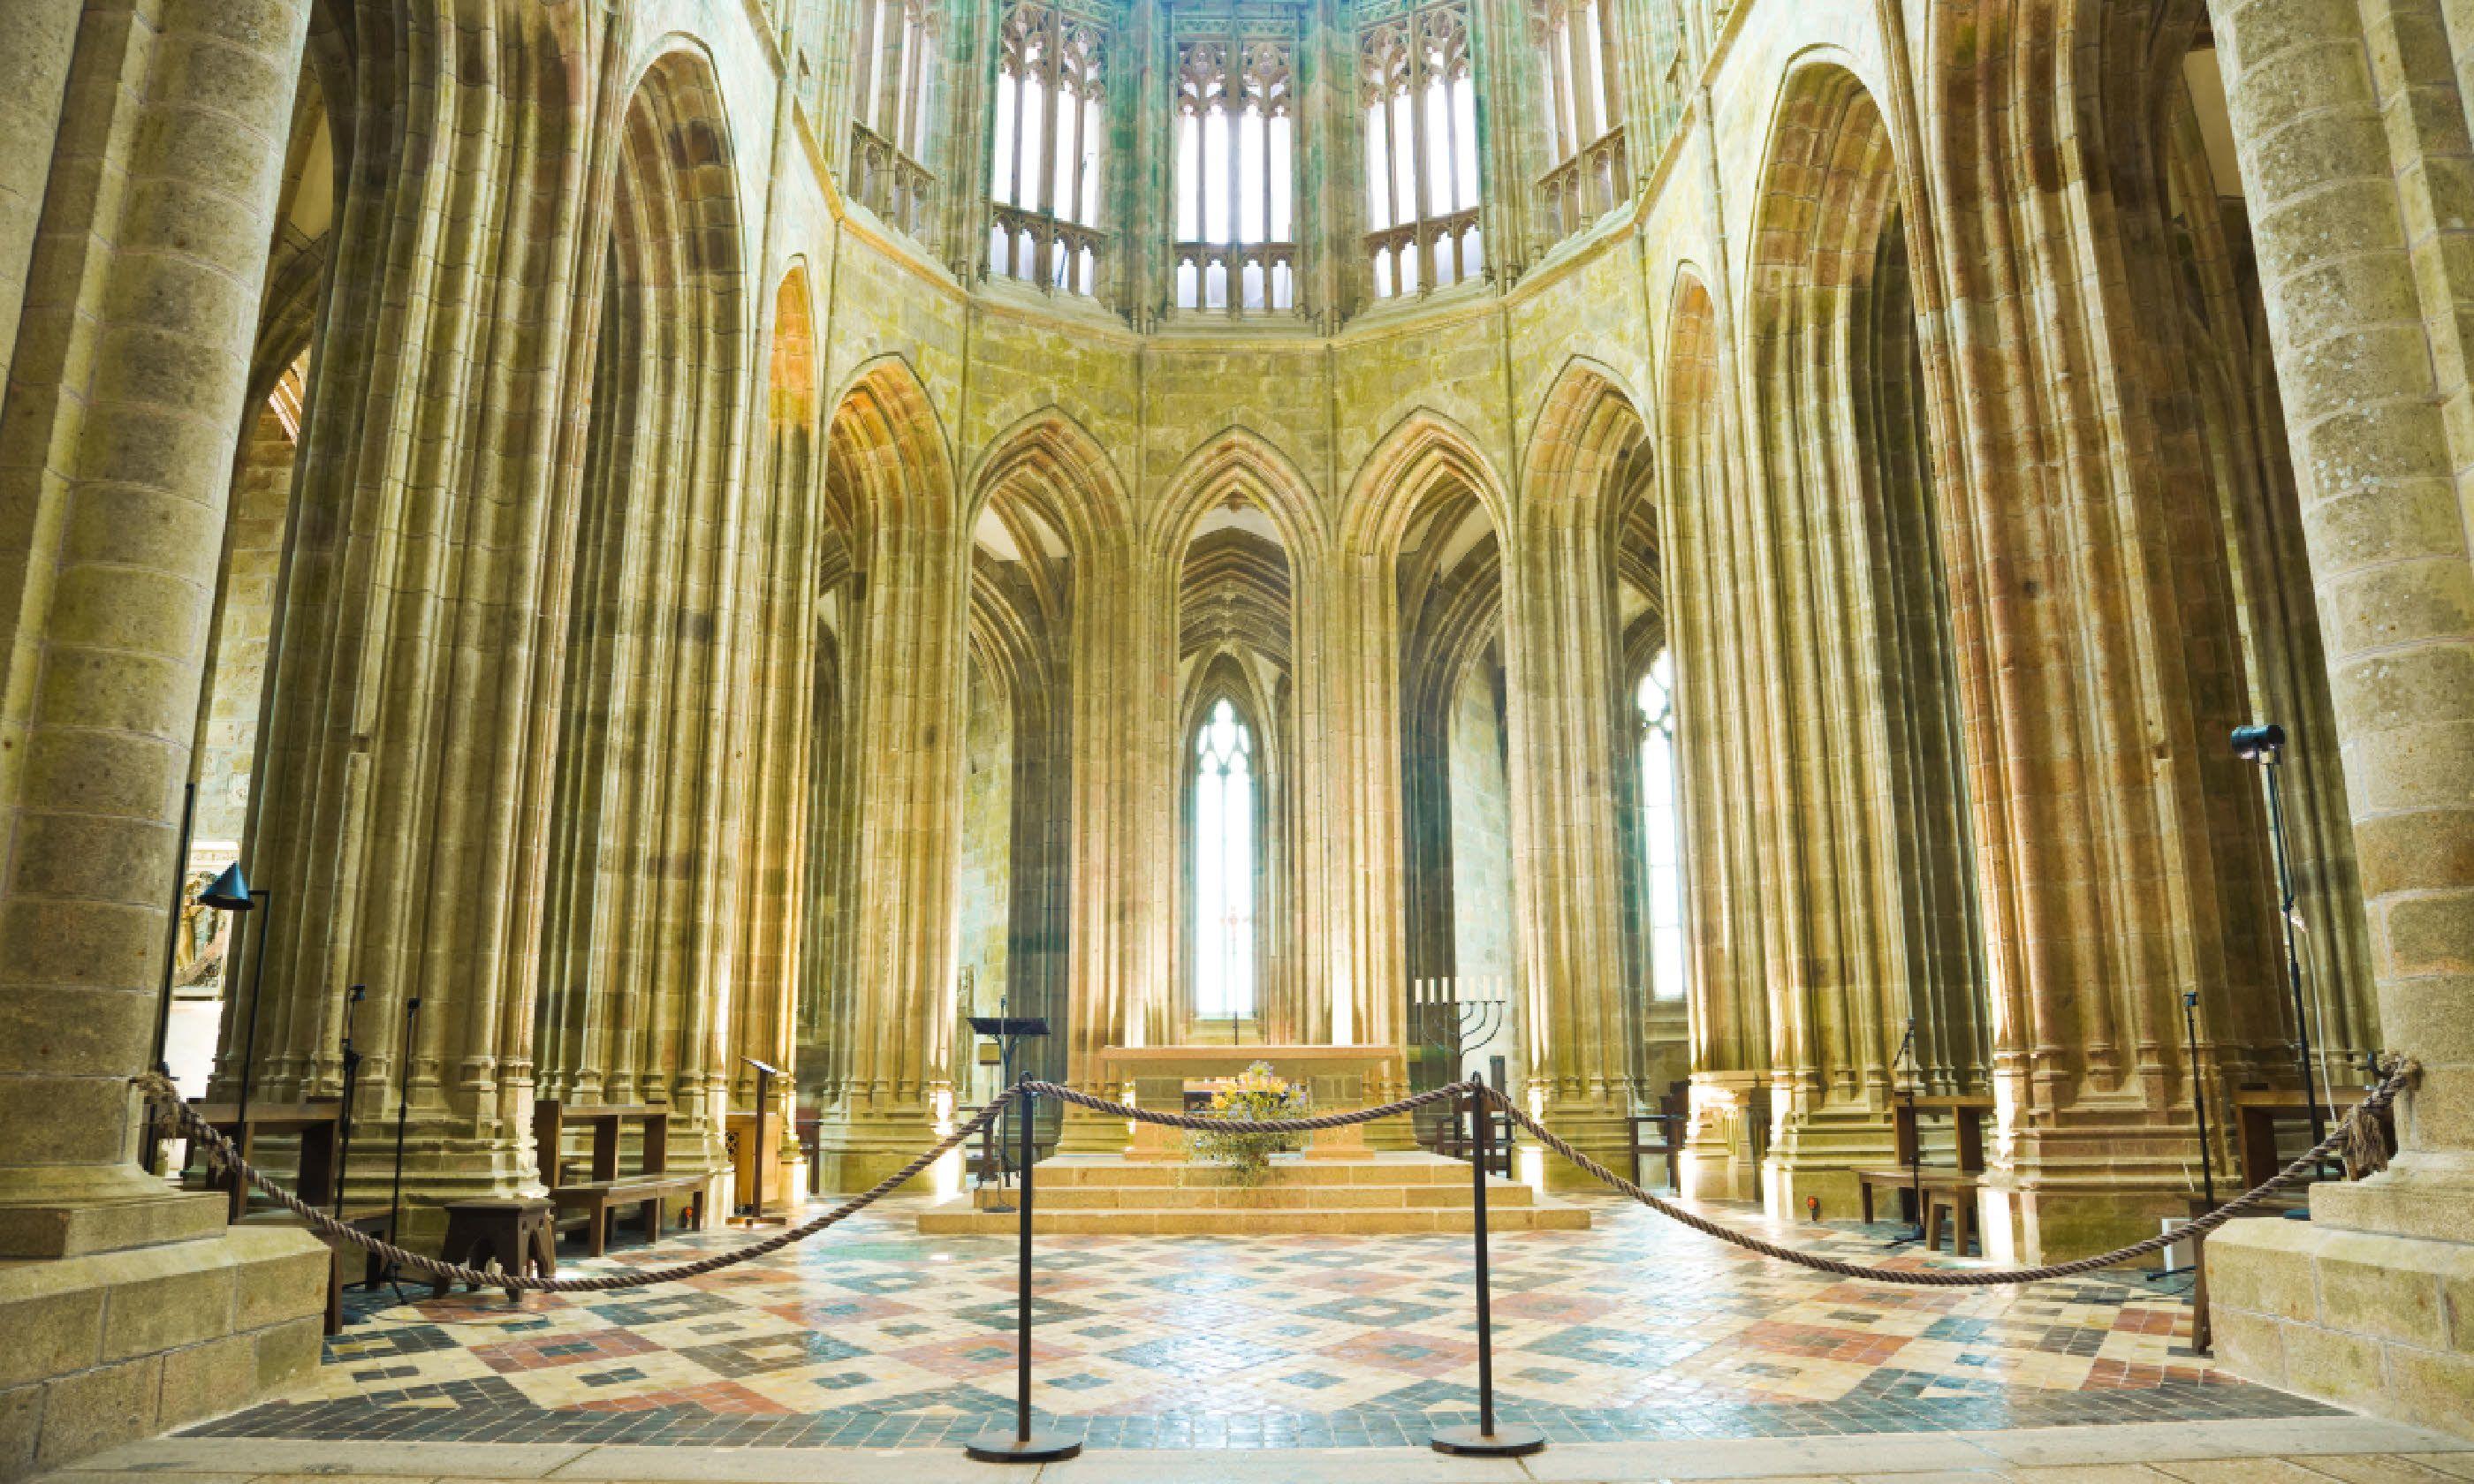 Inside the Abbey of Mont Saint Michel (Shutterstock)